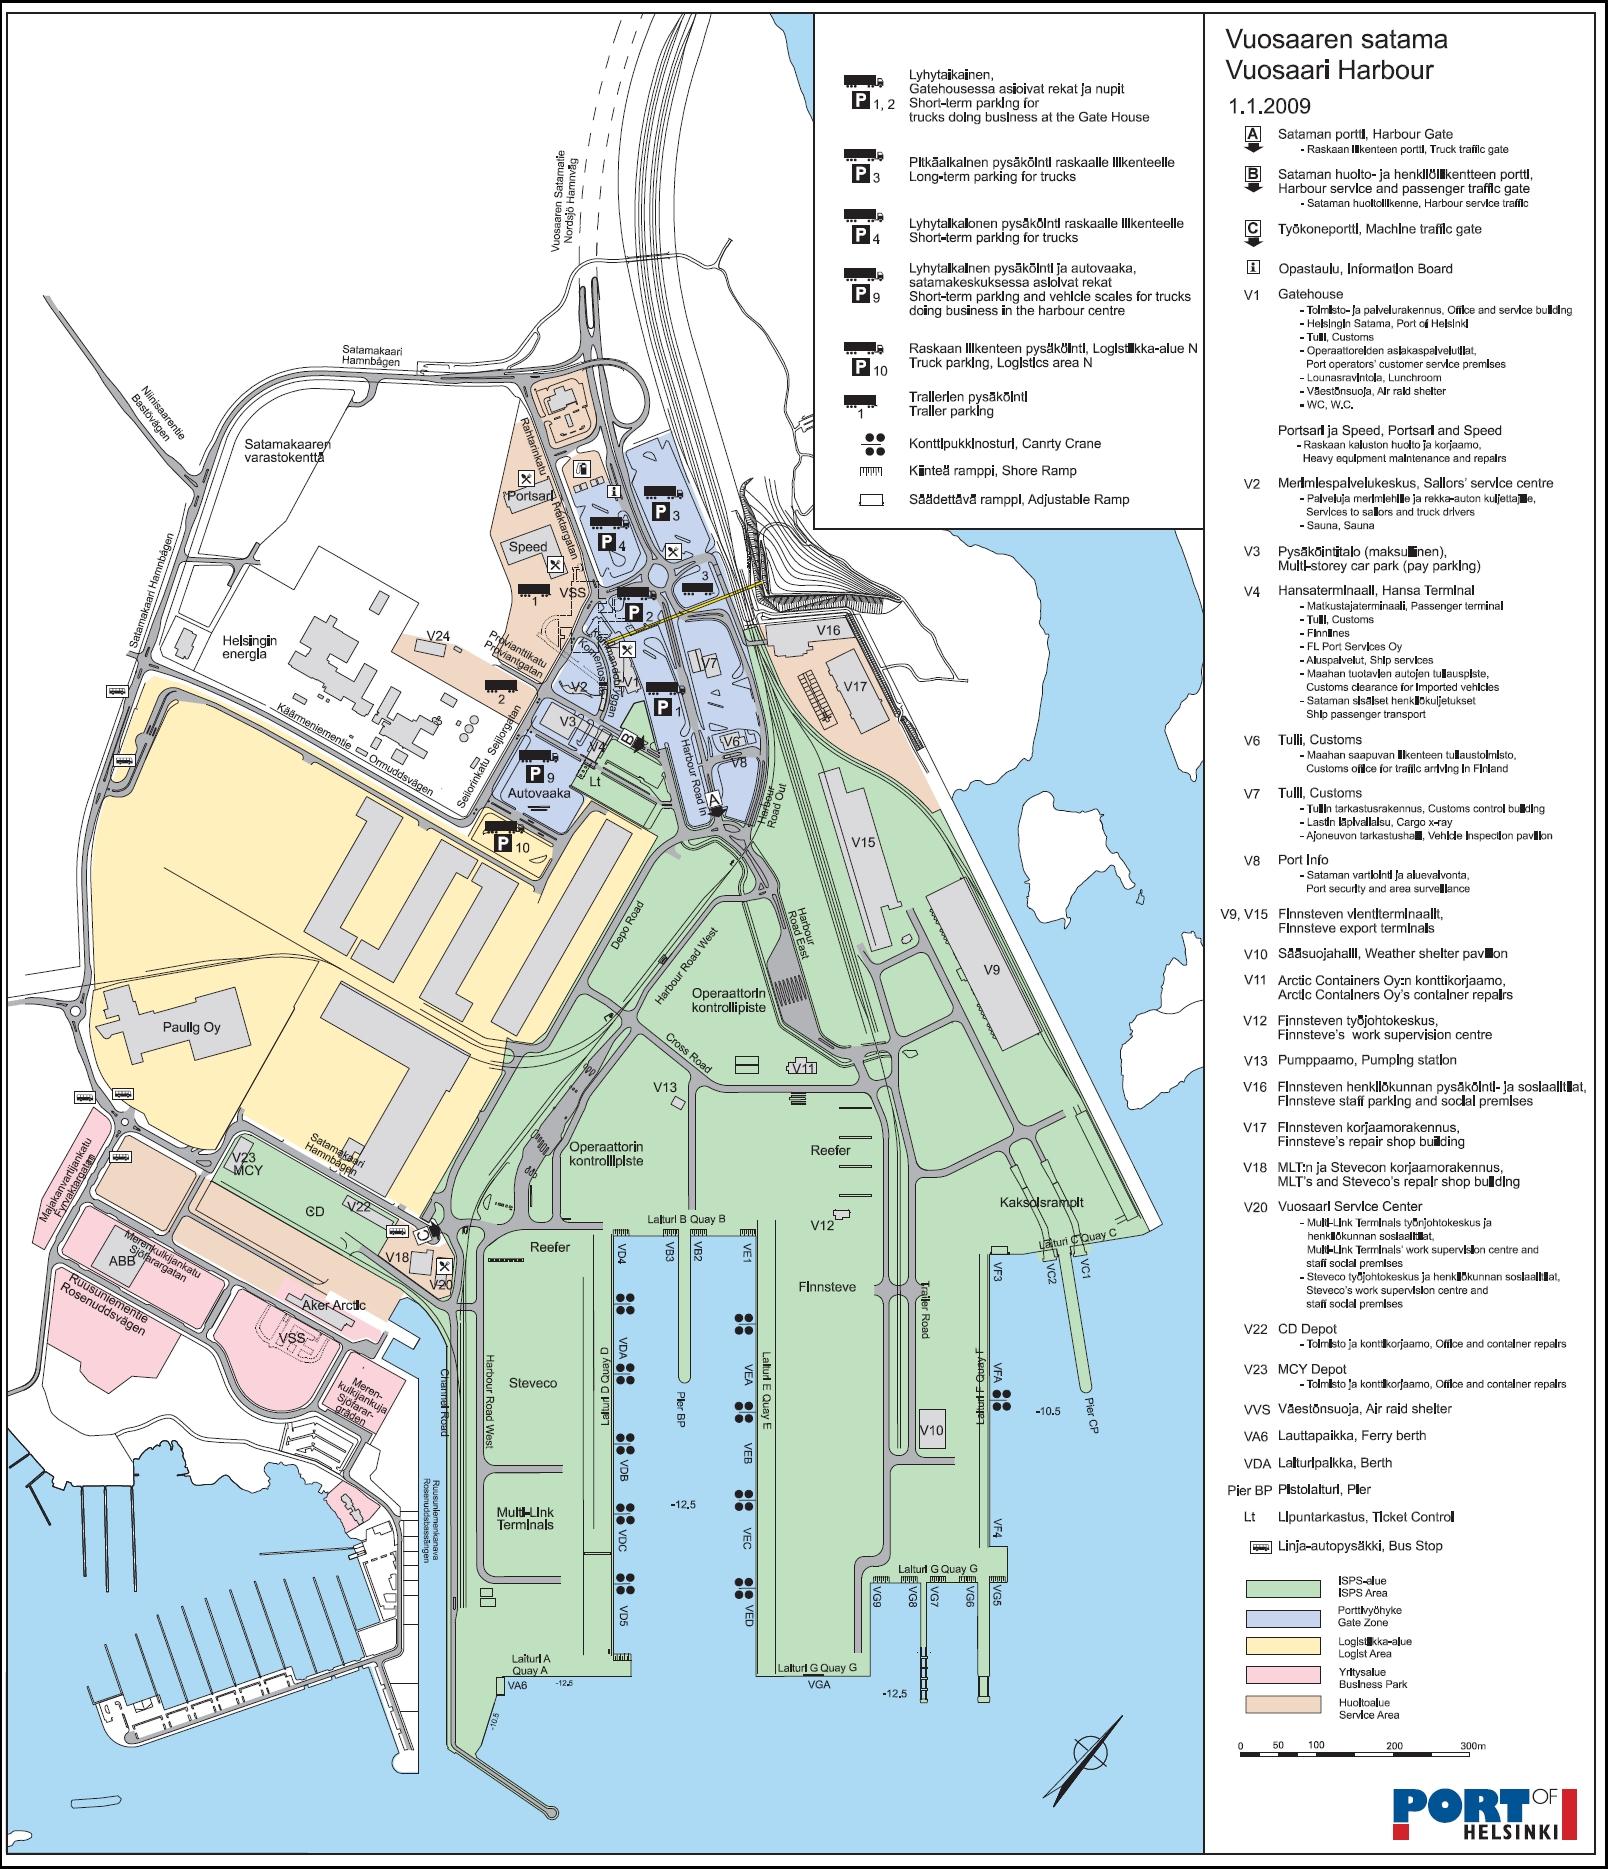 1 Vuosaaren Satama Kartta Helsinki Tallinna Seura R Y Hetas